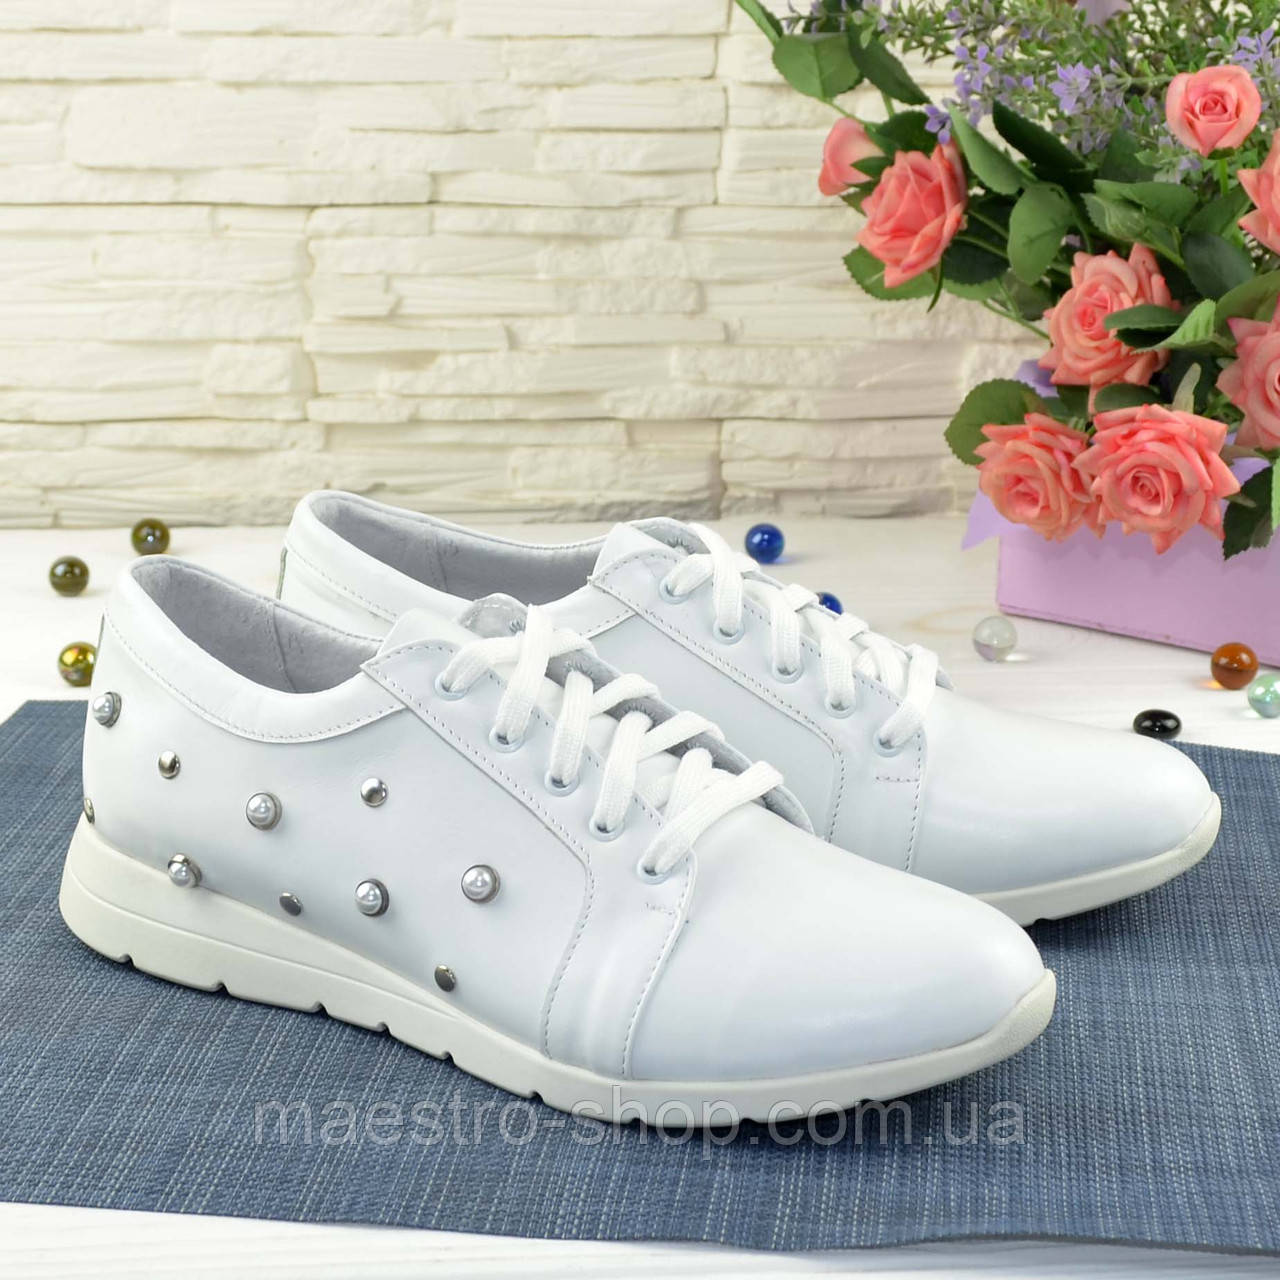 Кроссовки женские кожаные, цвет белый.